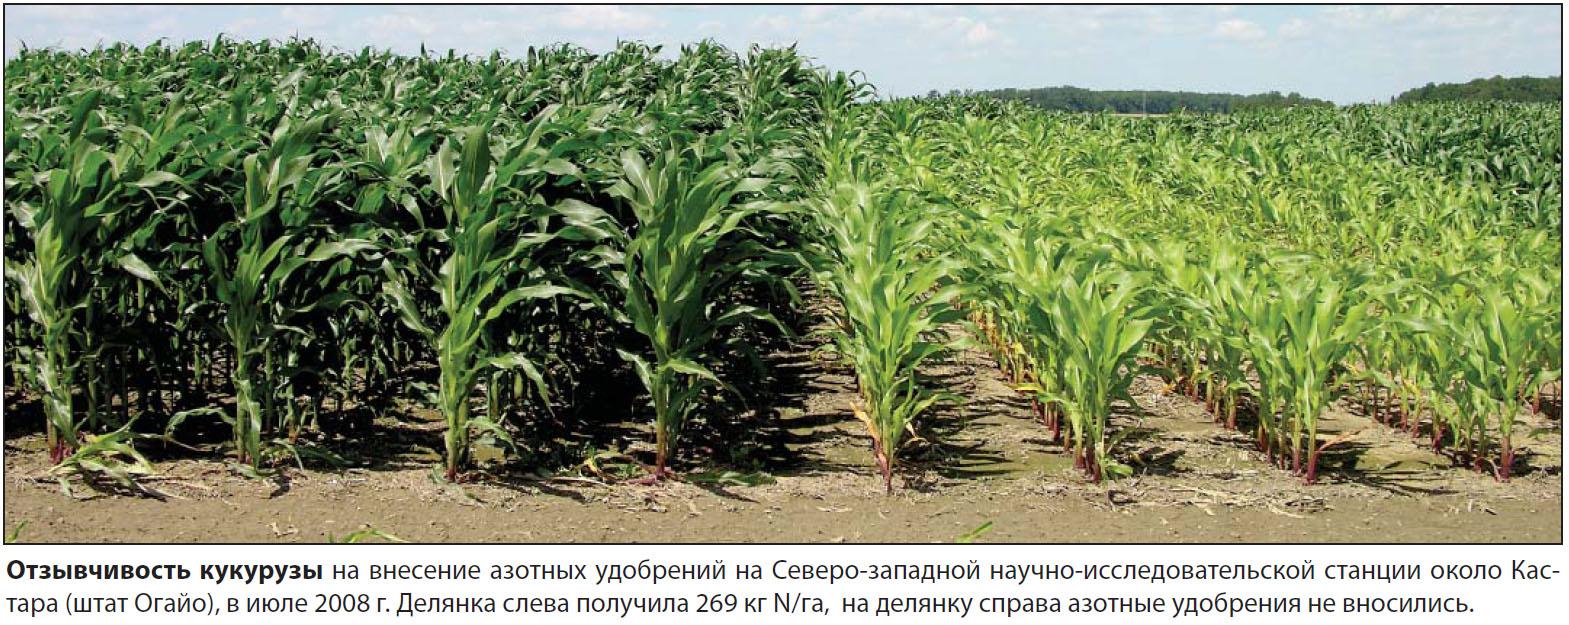 Выращивание кукурузы на приусадебном участке 38